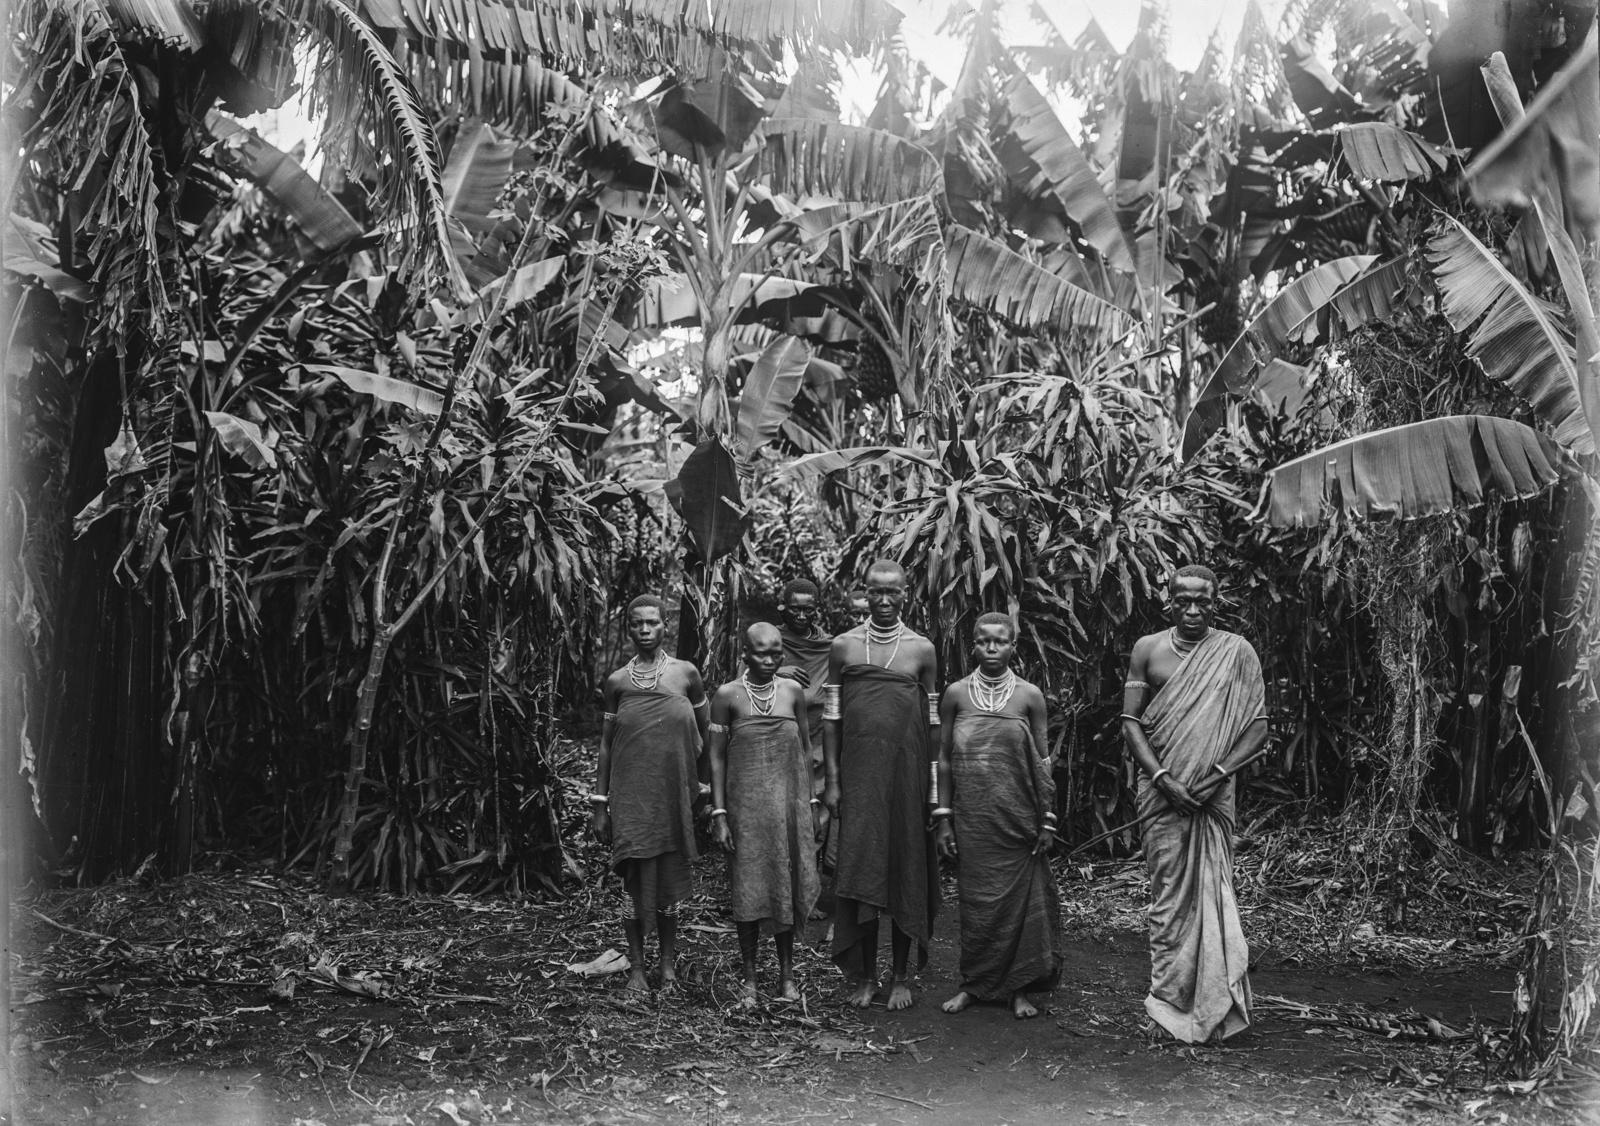 211. Групповой портрет мужчин и женщин перед банановой рощей